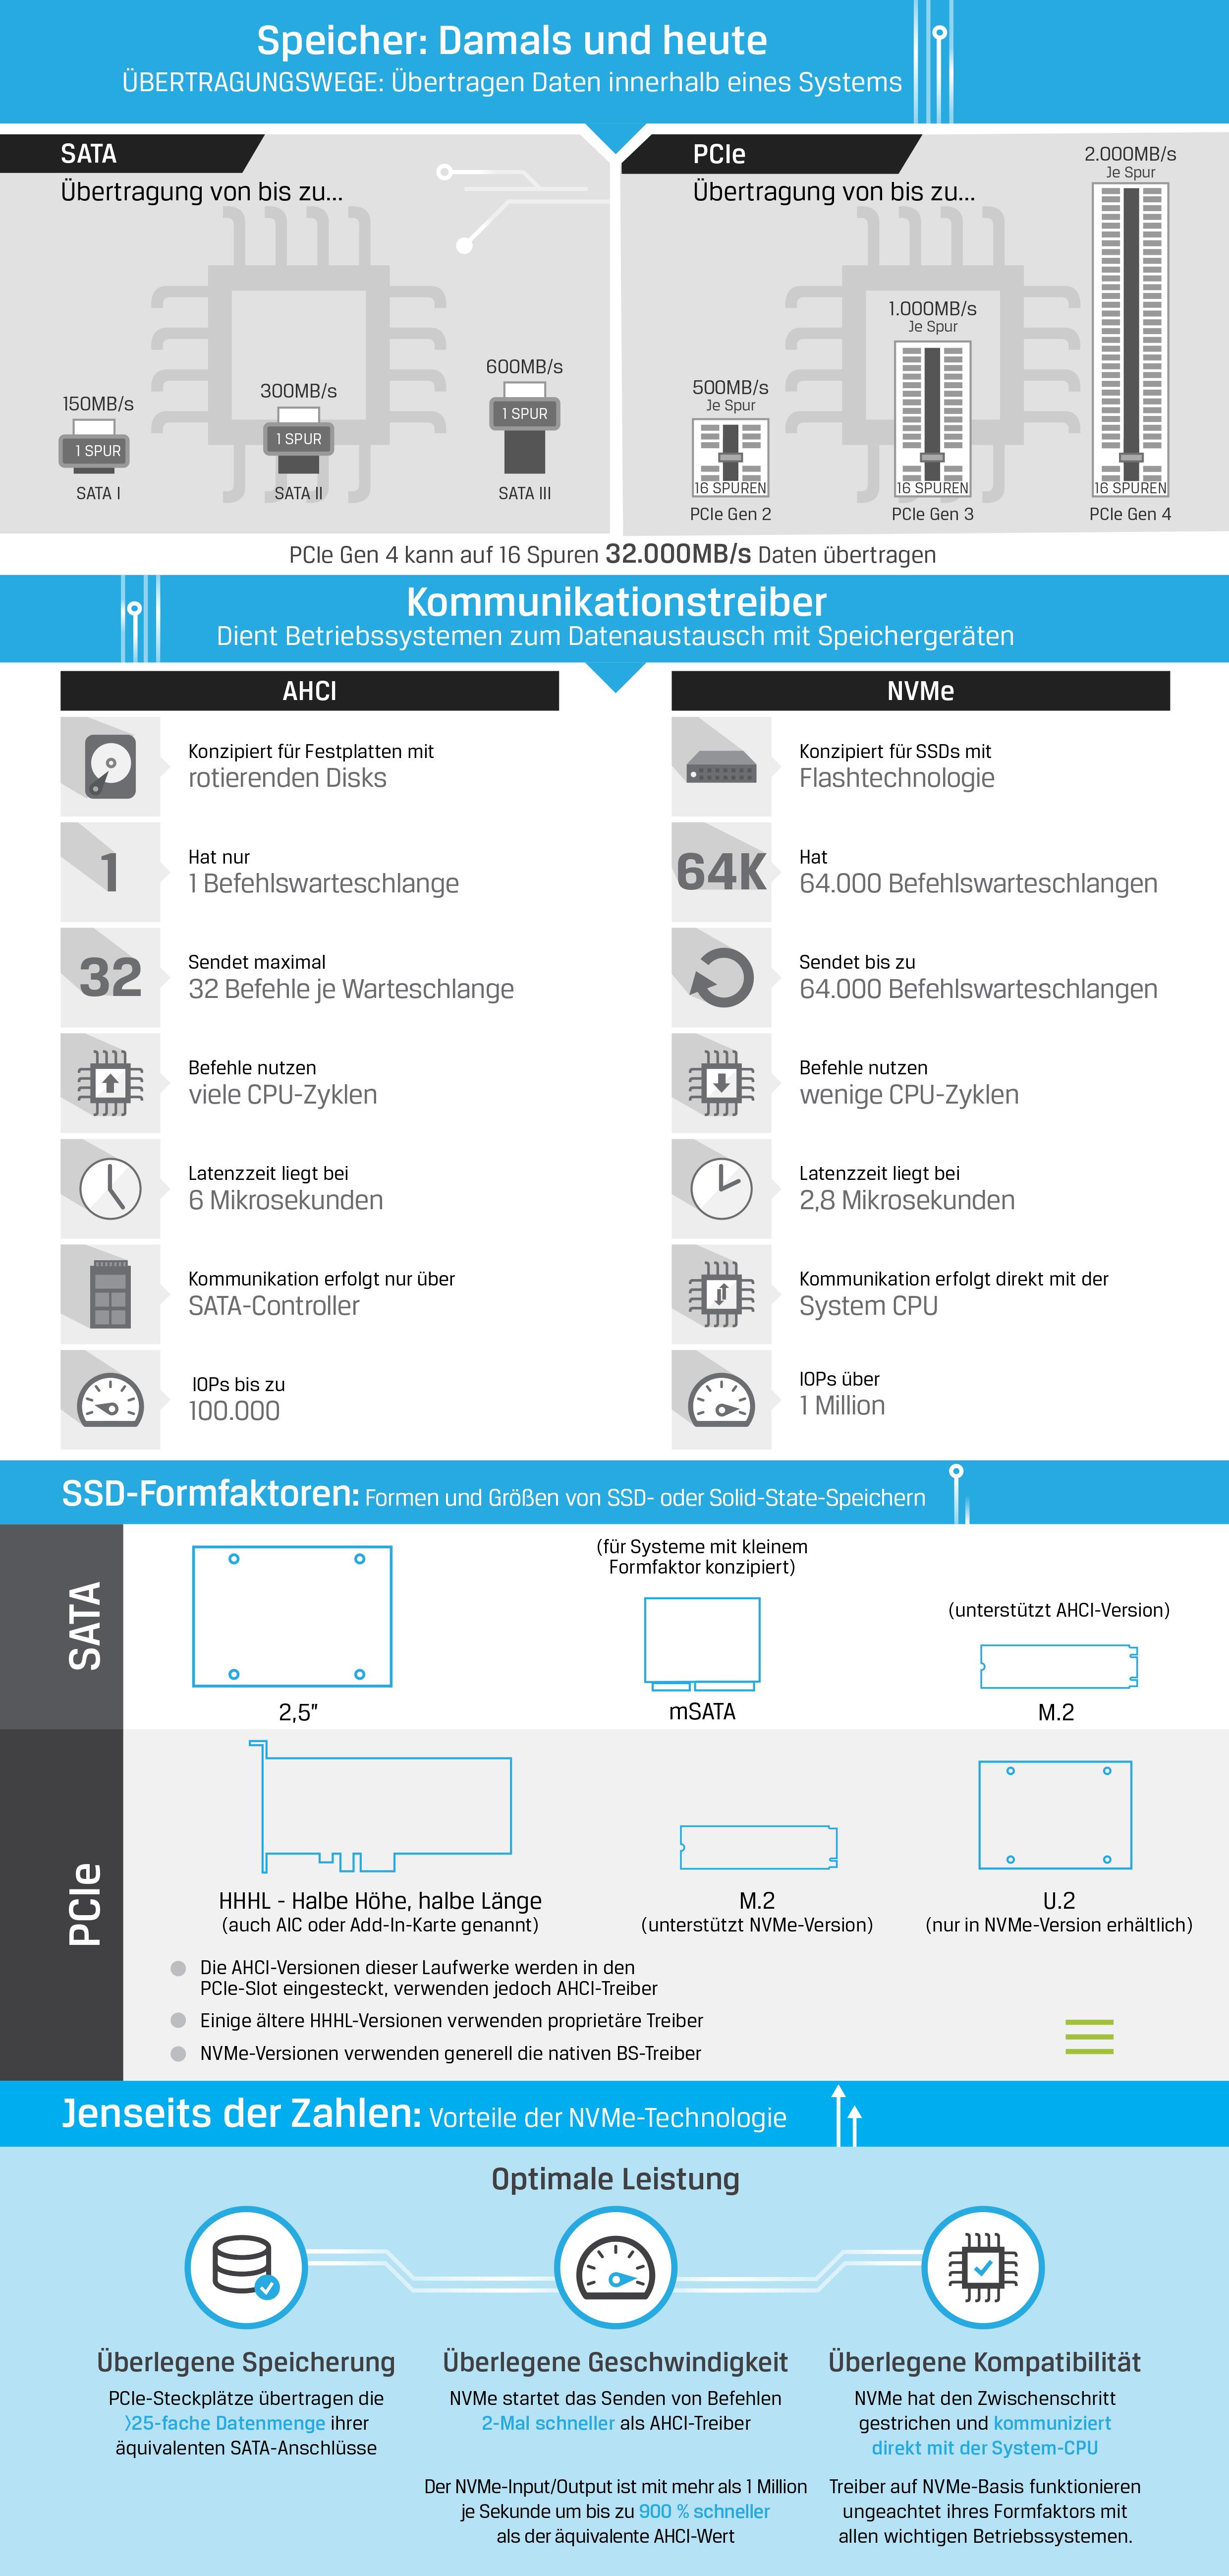 Infografik zur Beschreibung der SSD-Technologien wie NVMe, SATA, PCIe, AHCI, M.2 und U.2